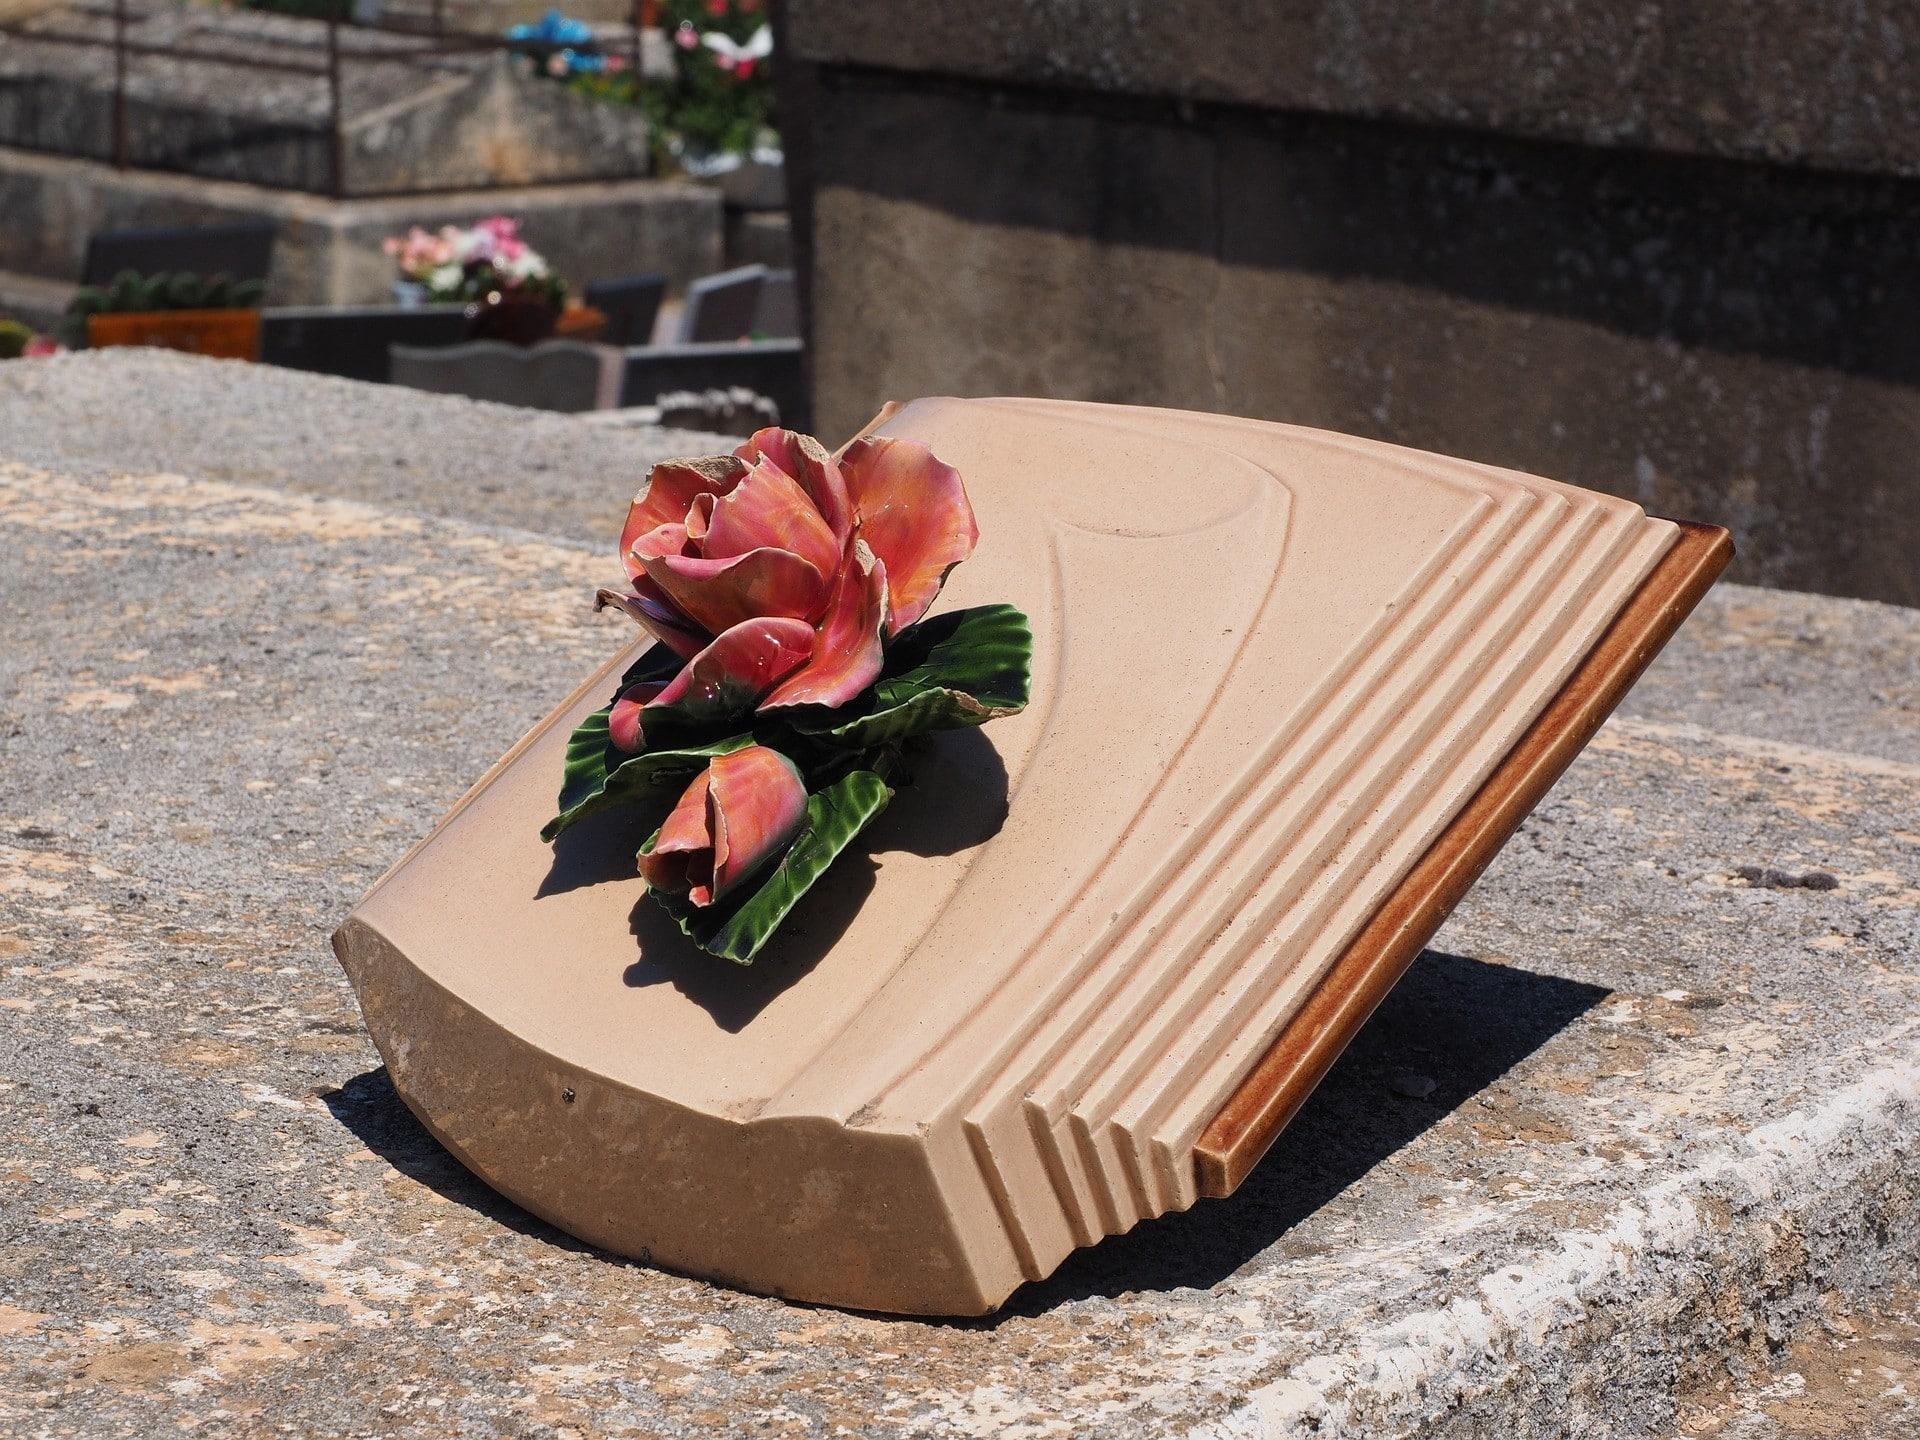 Une plaque funéraire livresque sur une tombe